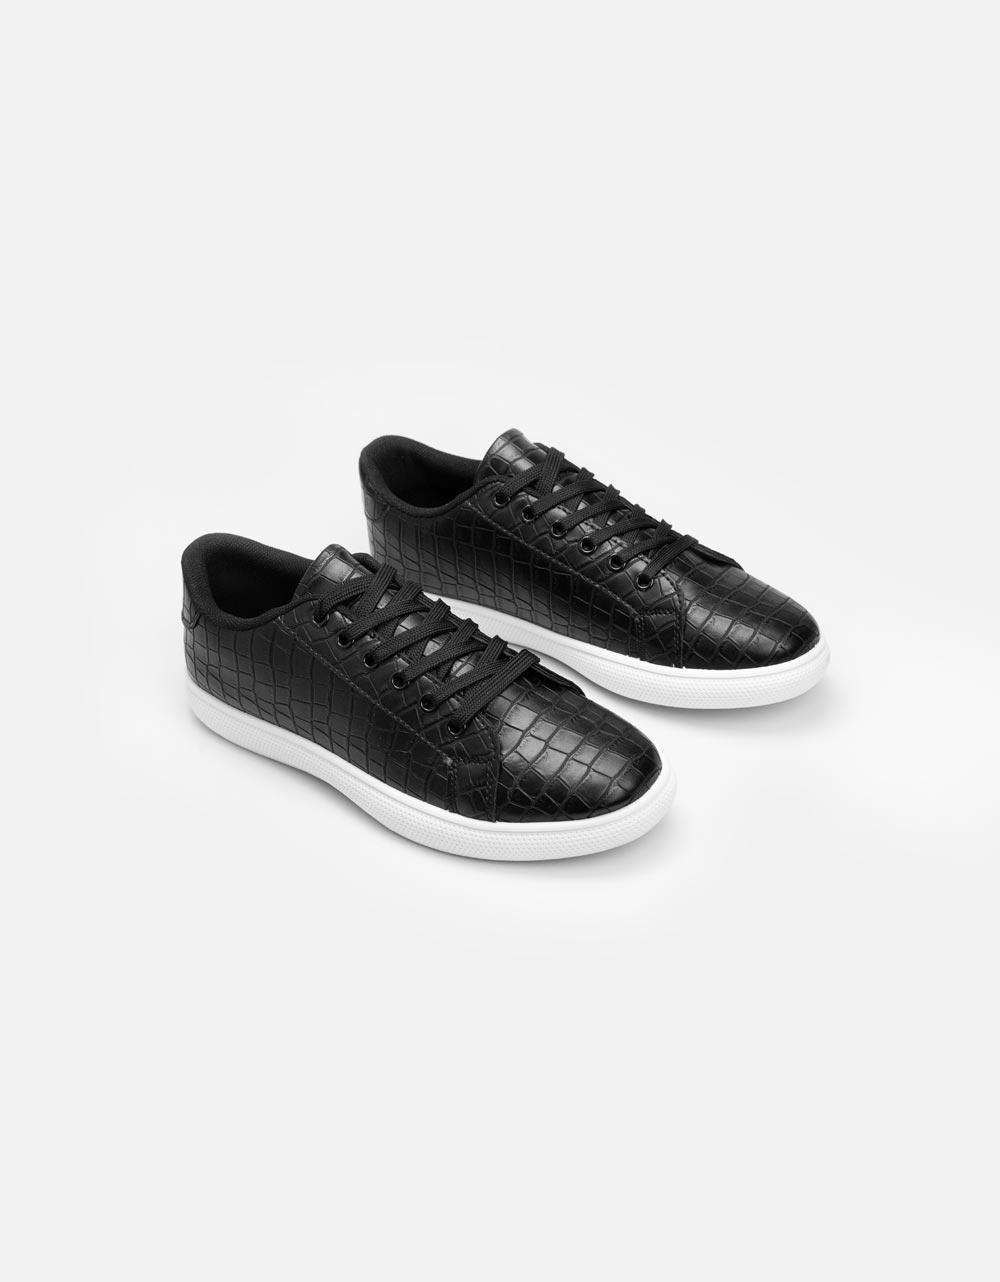 Εικόνα από Ανδρικά sneakers μονόχρωμα με κροκό Μαύρο/Λευκό